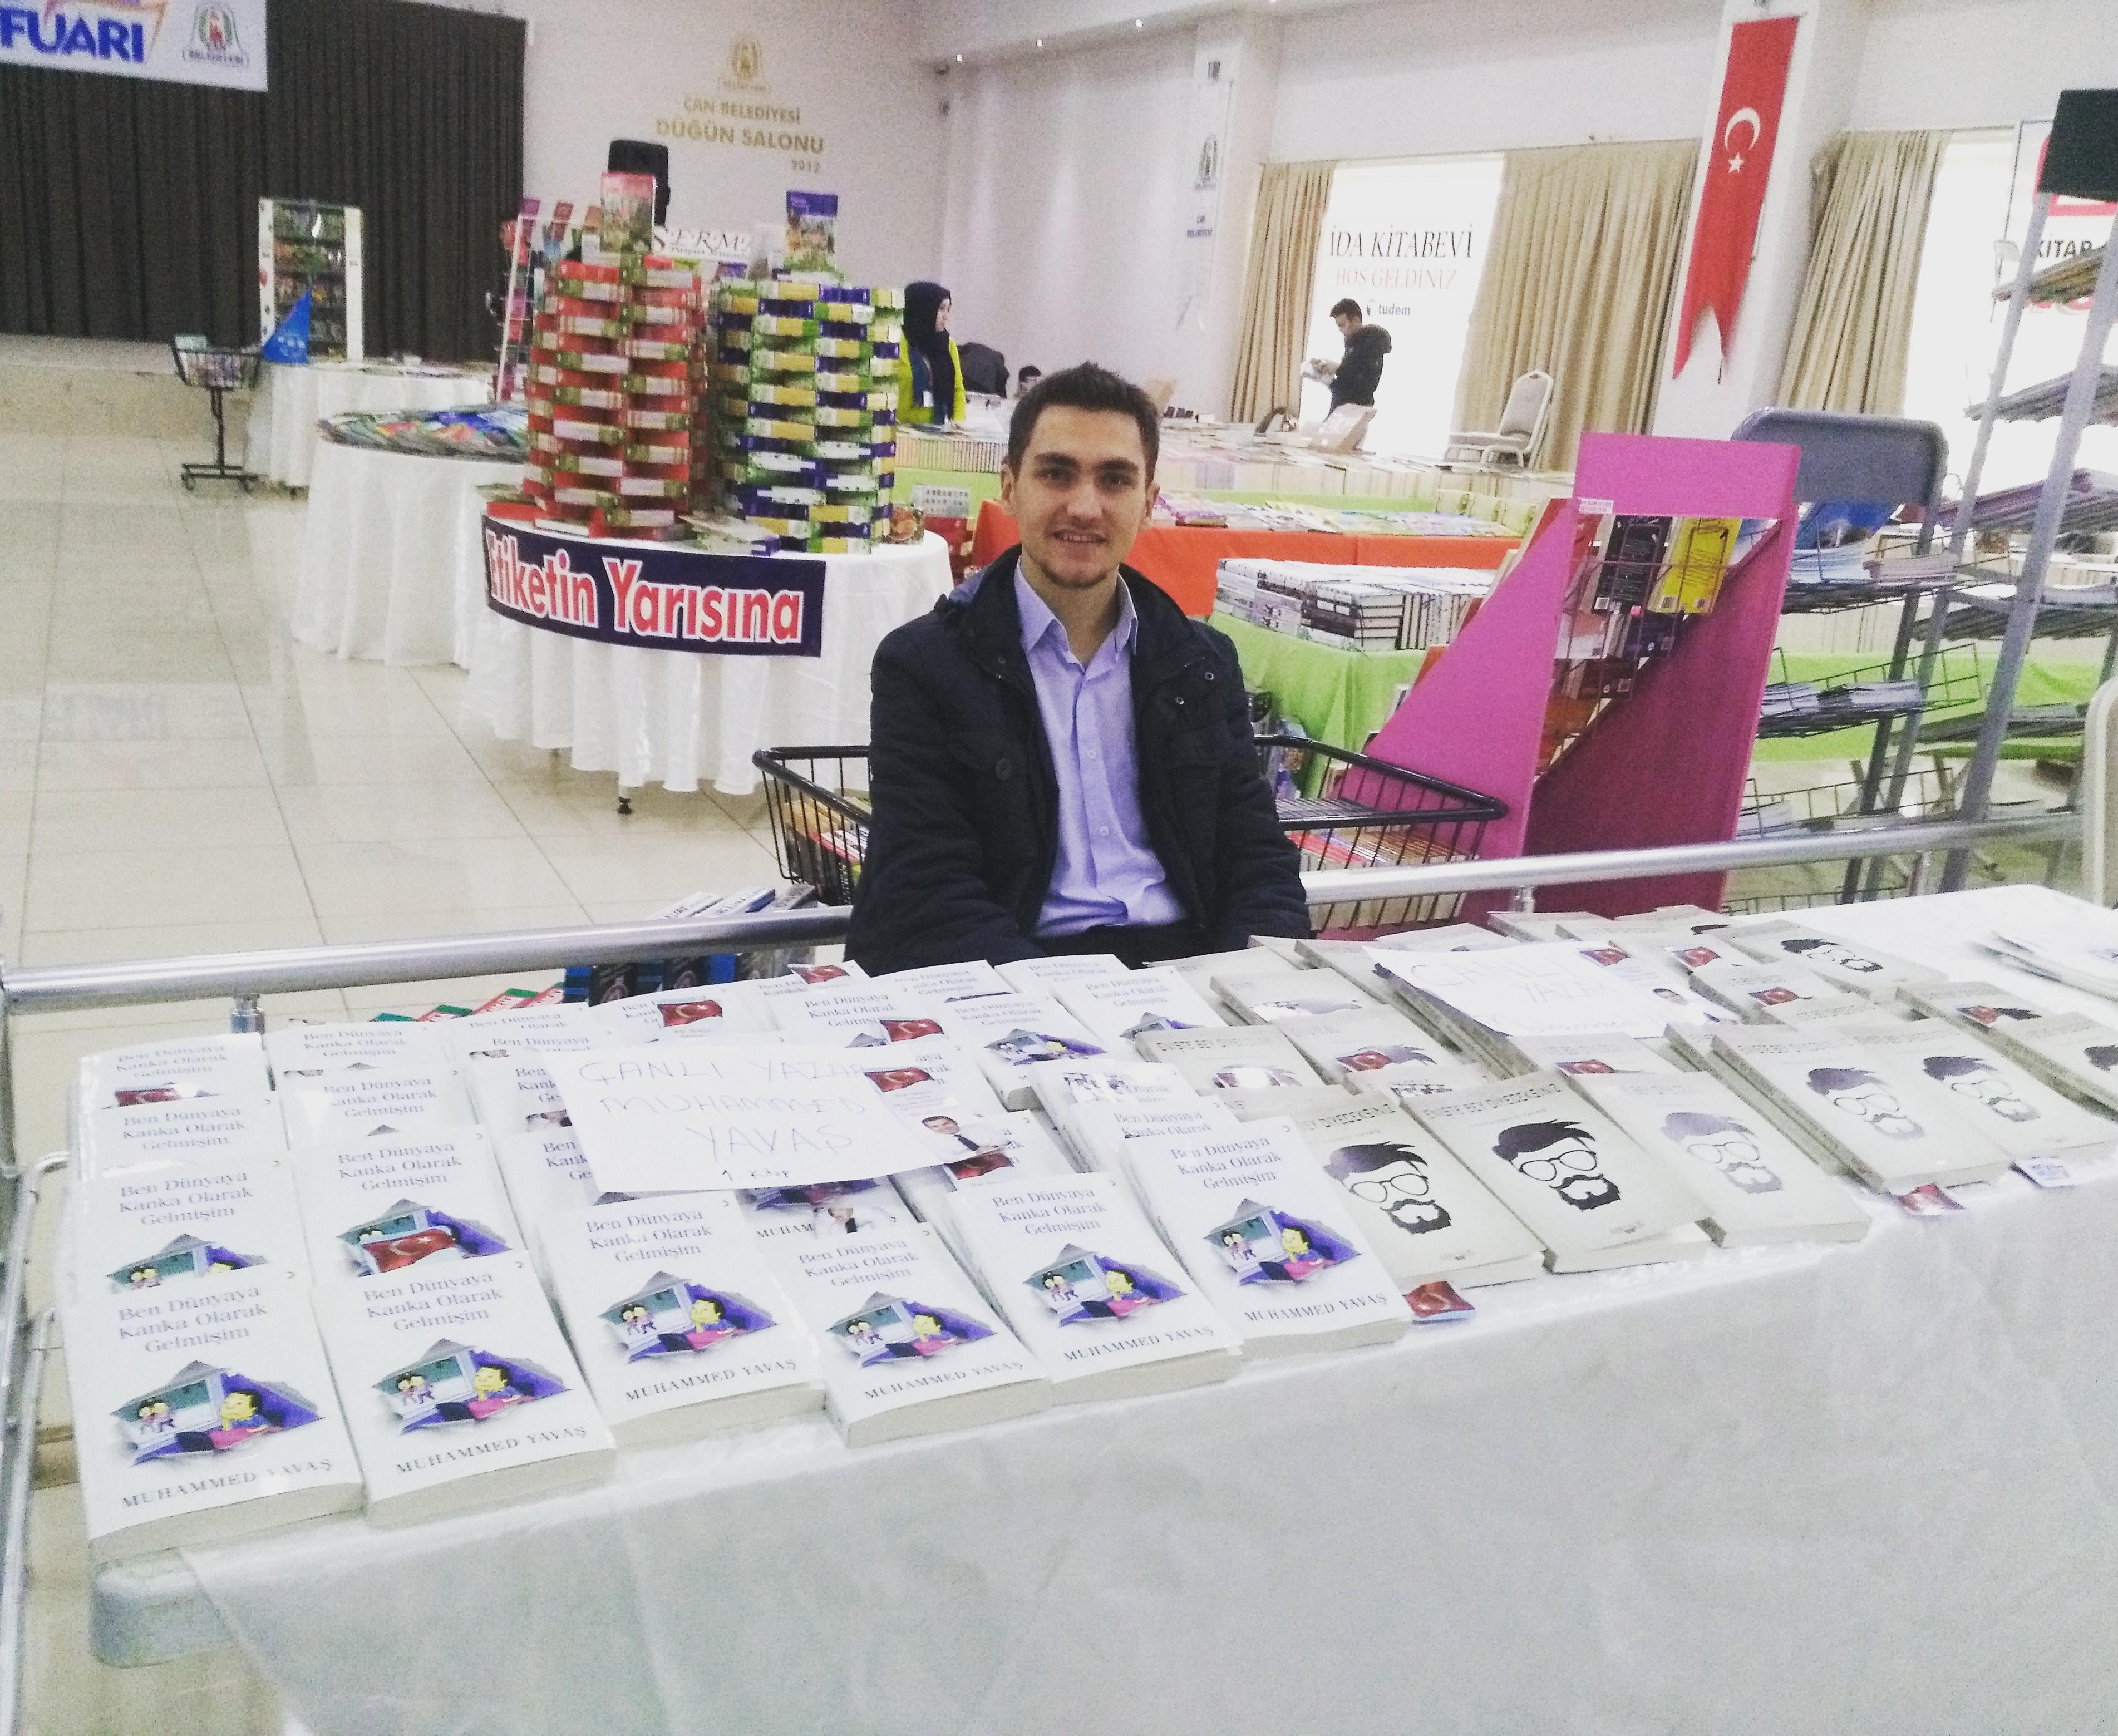 Çanlı yazar Muhammed Yavaş'ın ikinci kitabı çıktı.